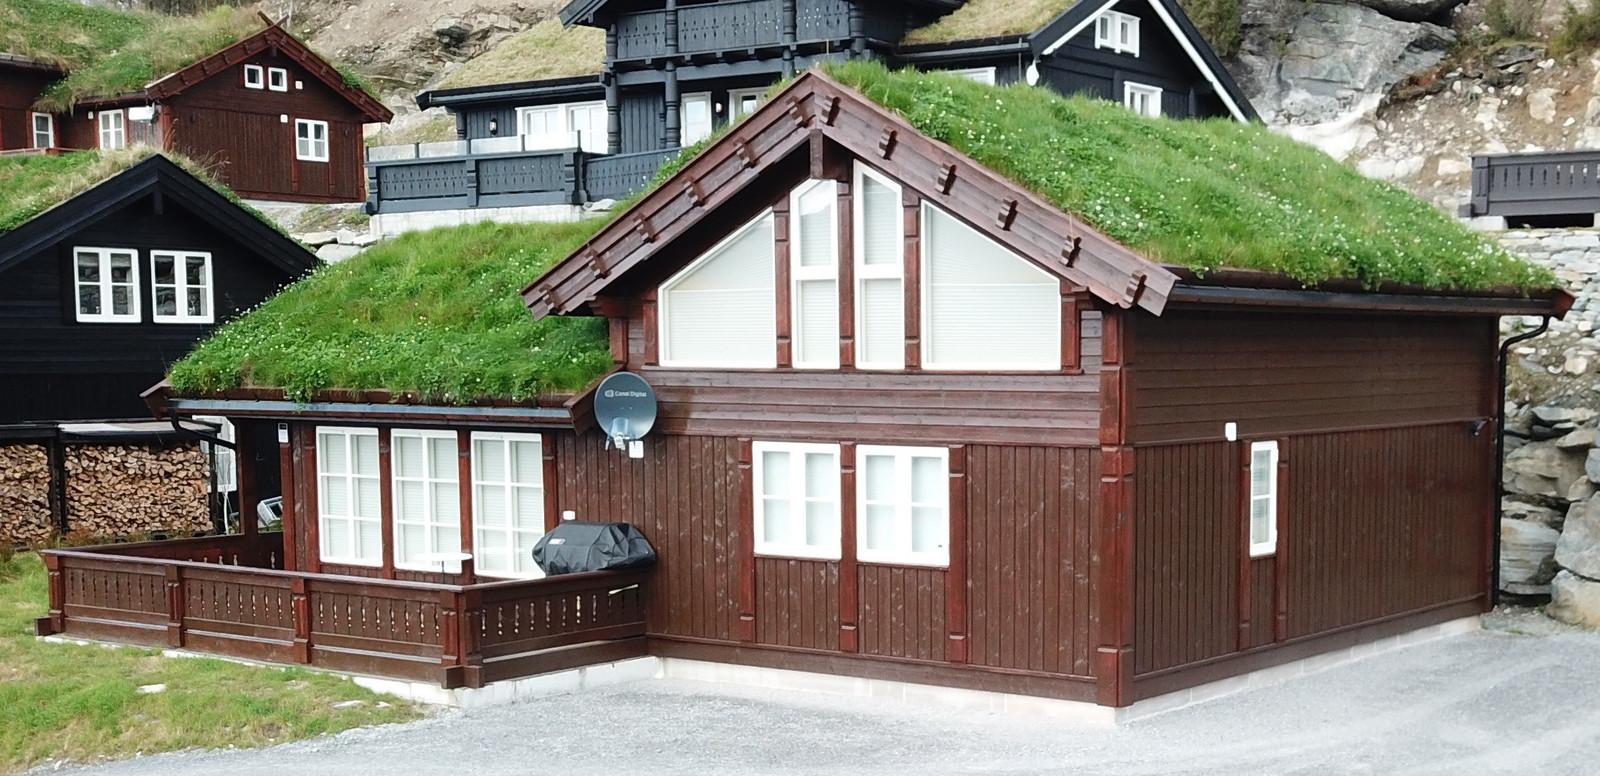 Dette er eksempelbilde, den konkrete hytta kan avvike noe fra bildene.